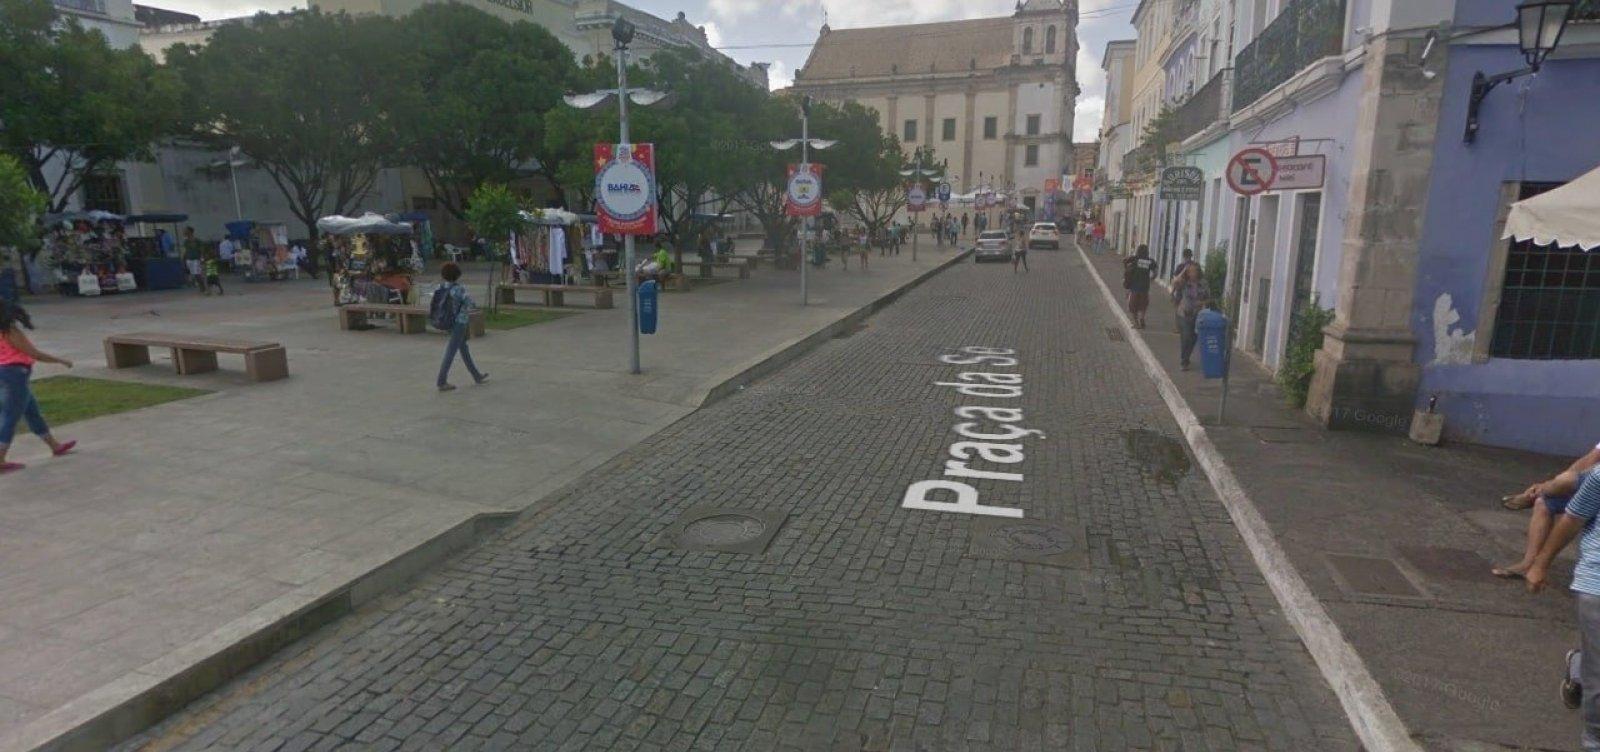 Feira gratuita na Praça da Sé reúne artesanato, cultura, gastronomia e moda